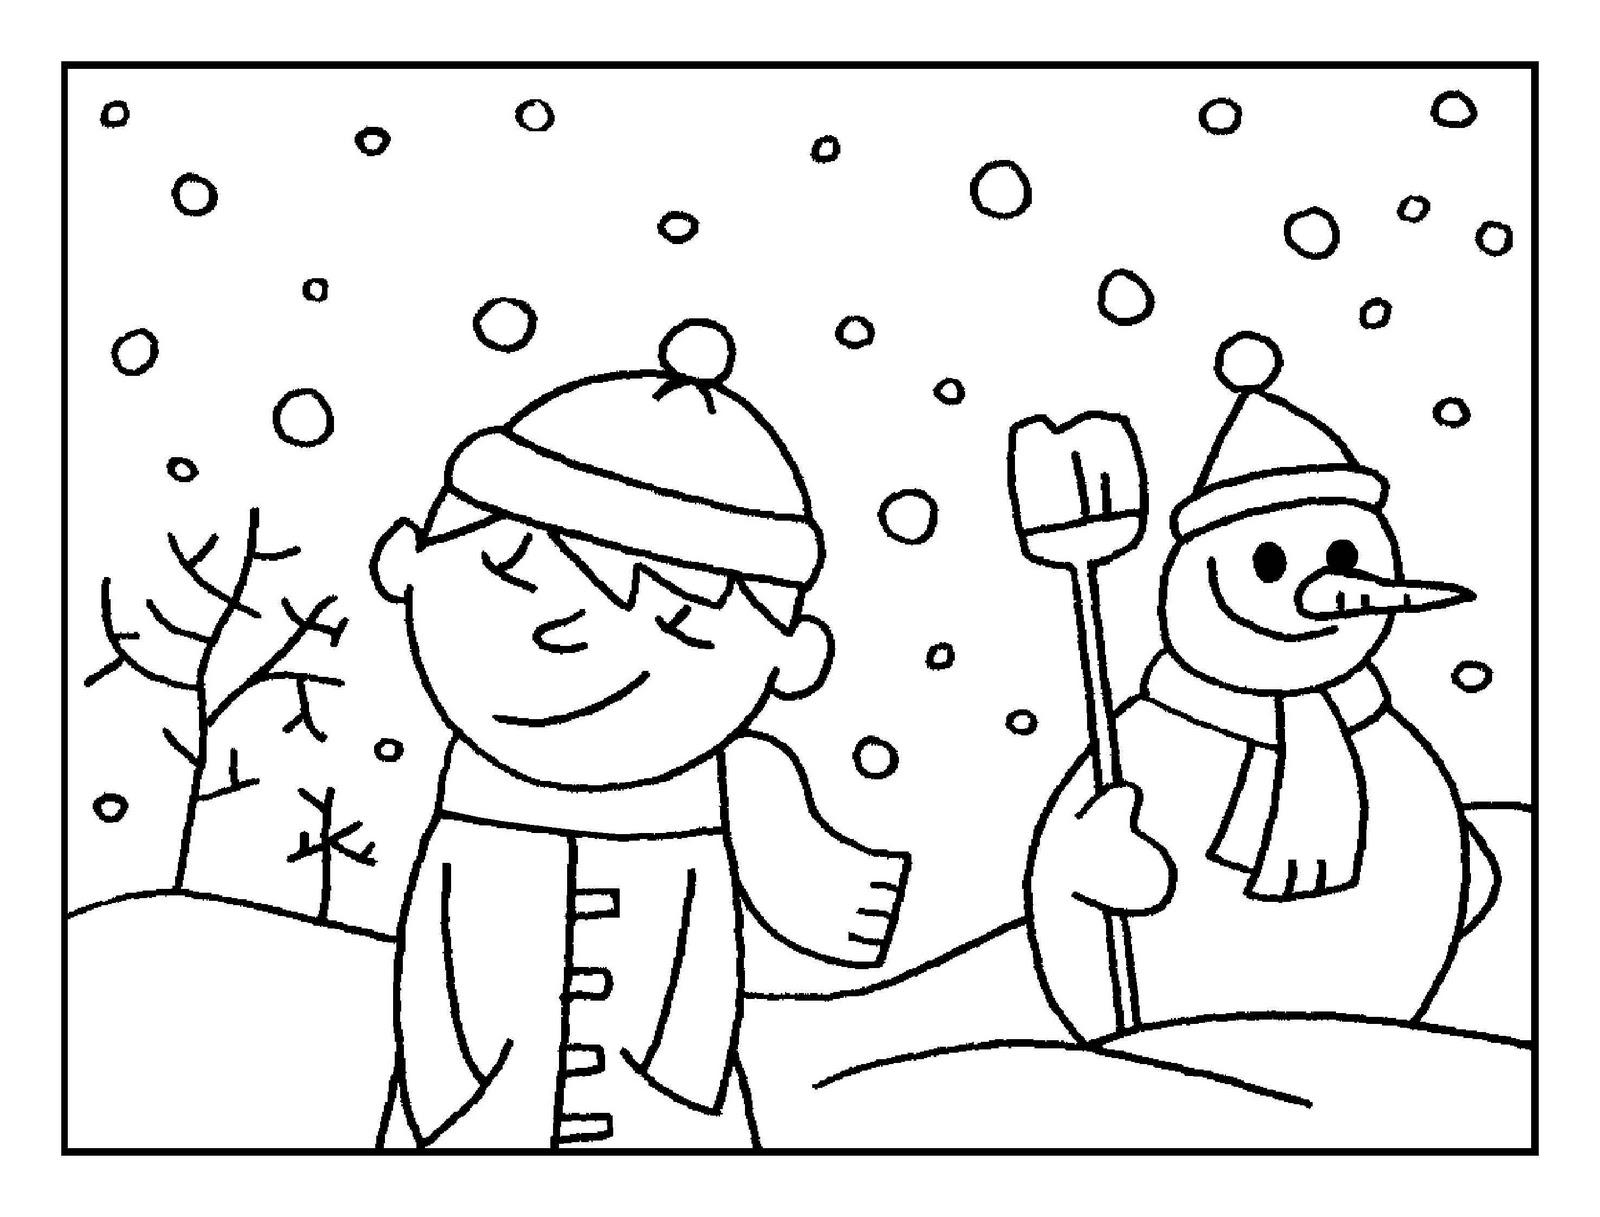 Imágenes con paisajes de invierno para colorear